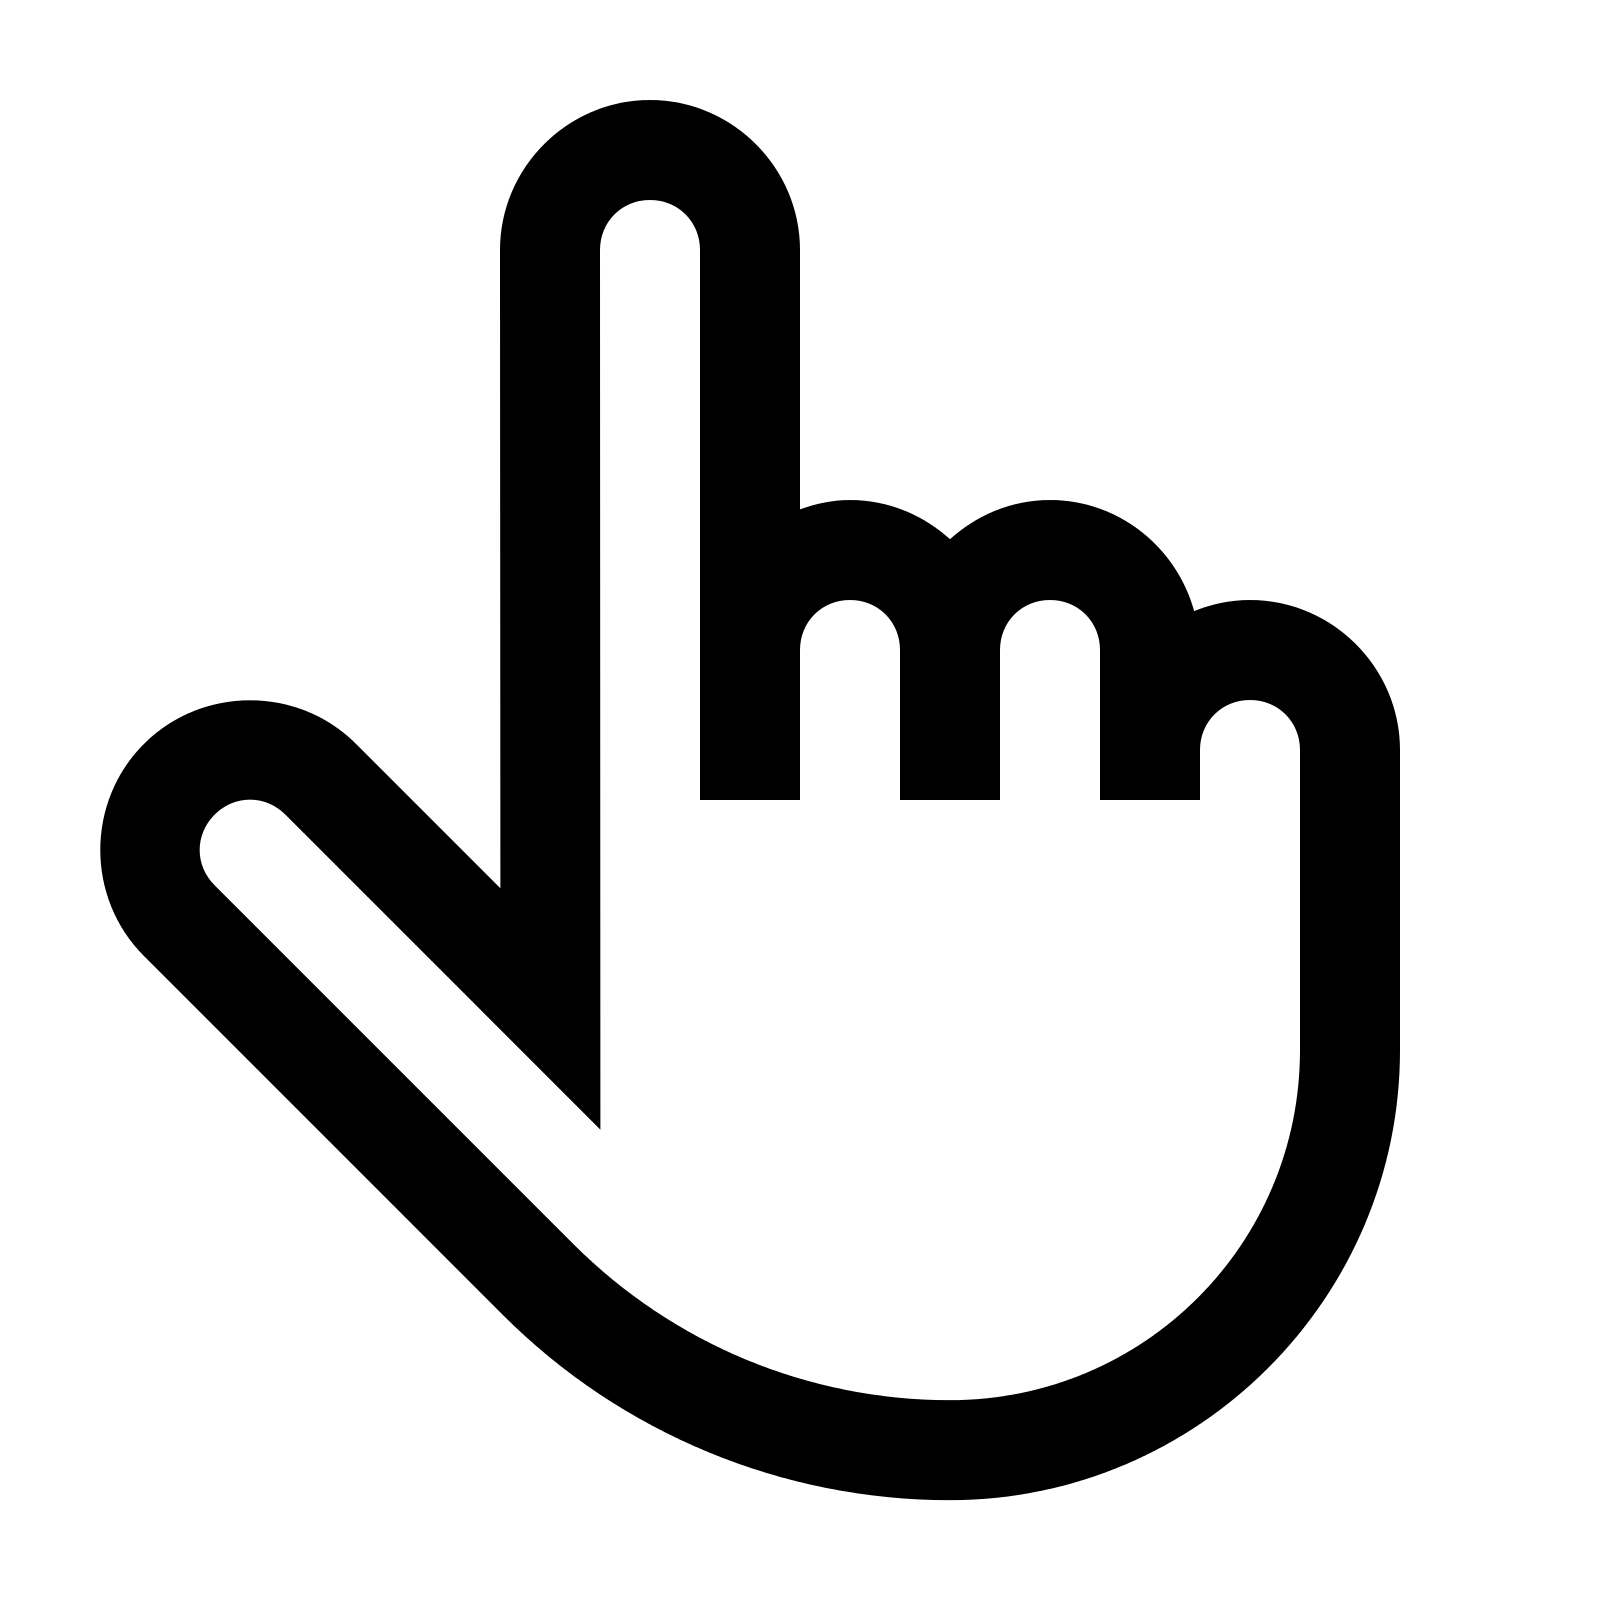 Windows Hand Pointer Icon #131011.